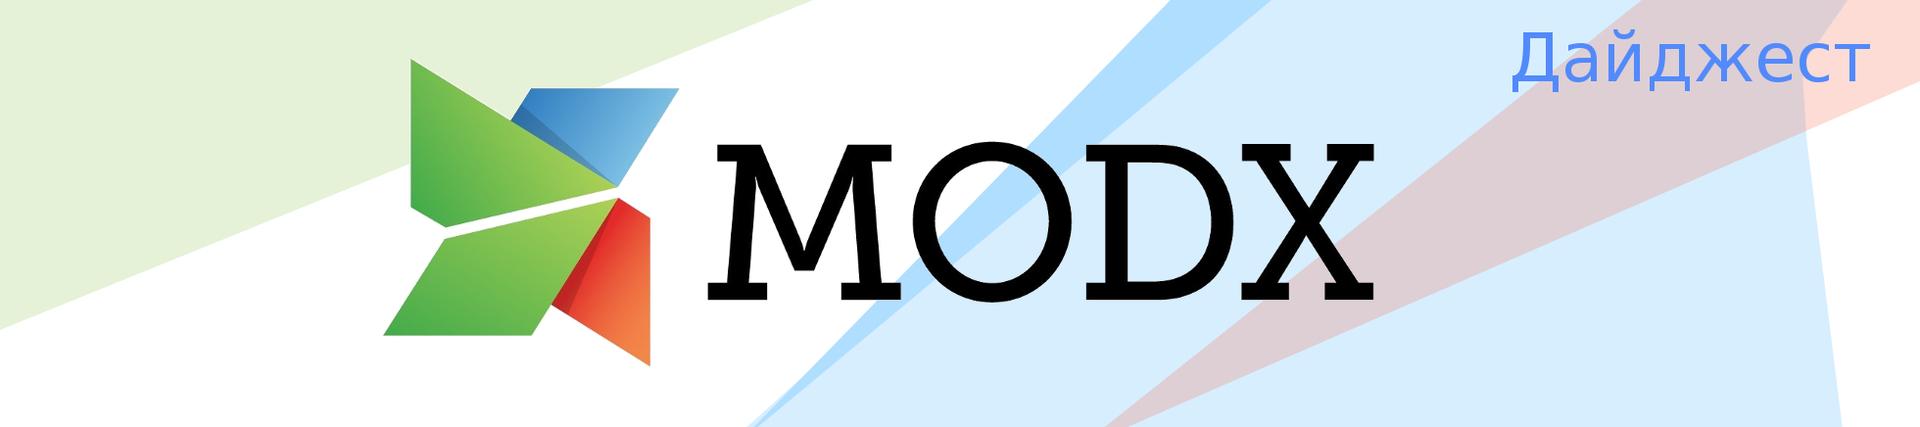 Дайджест интересных материалов из мира MODX #1